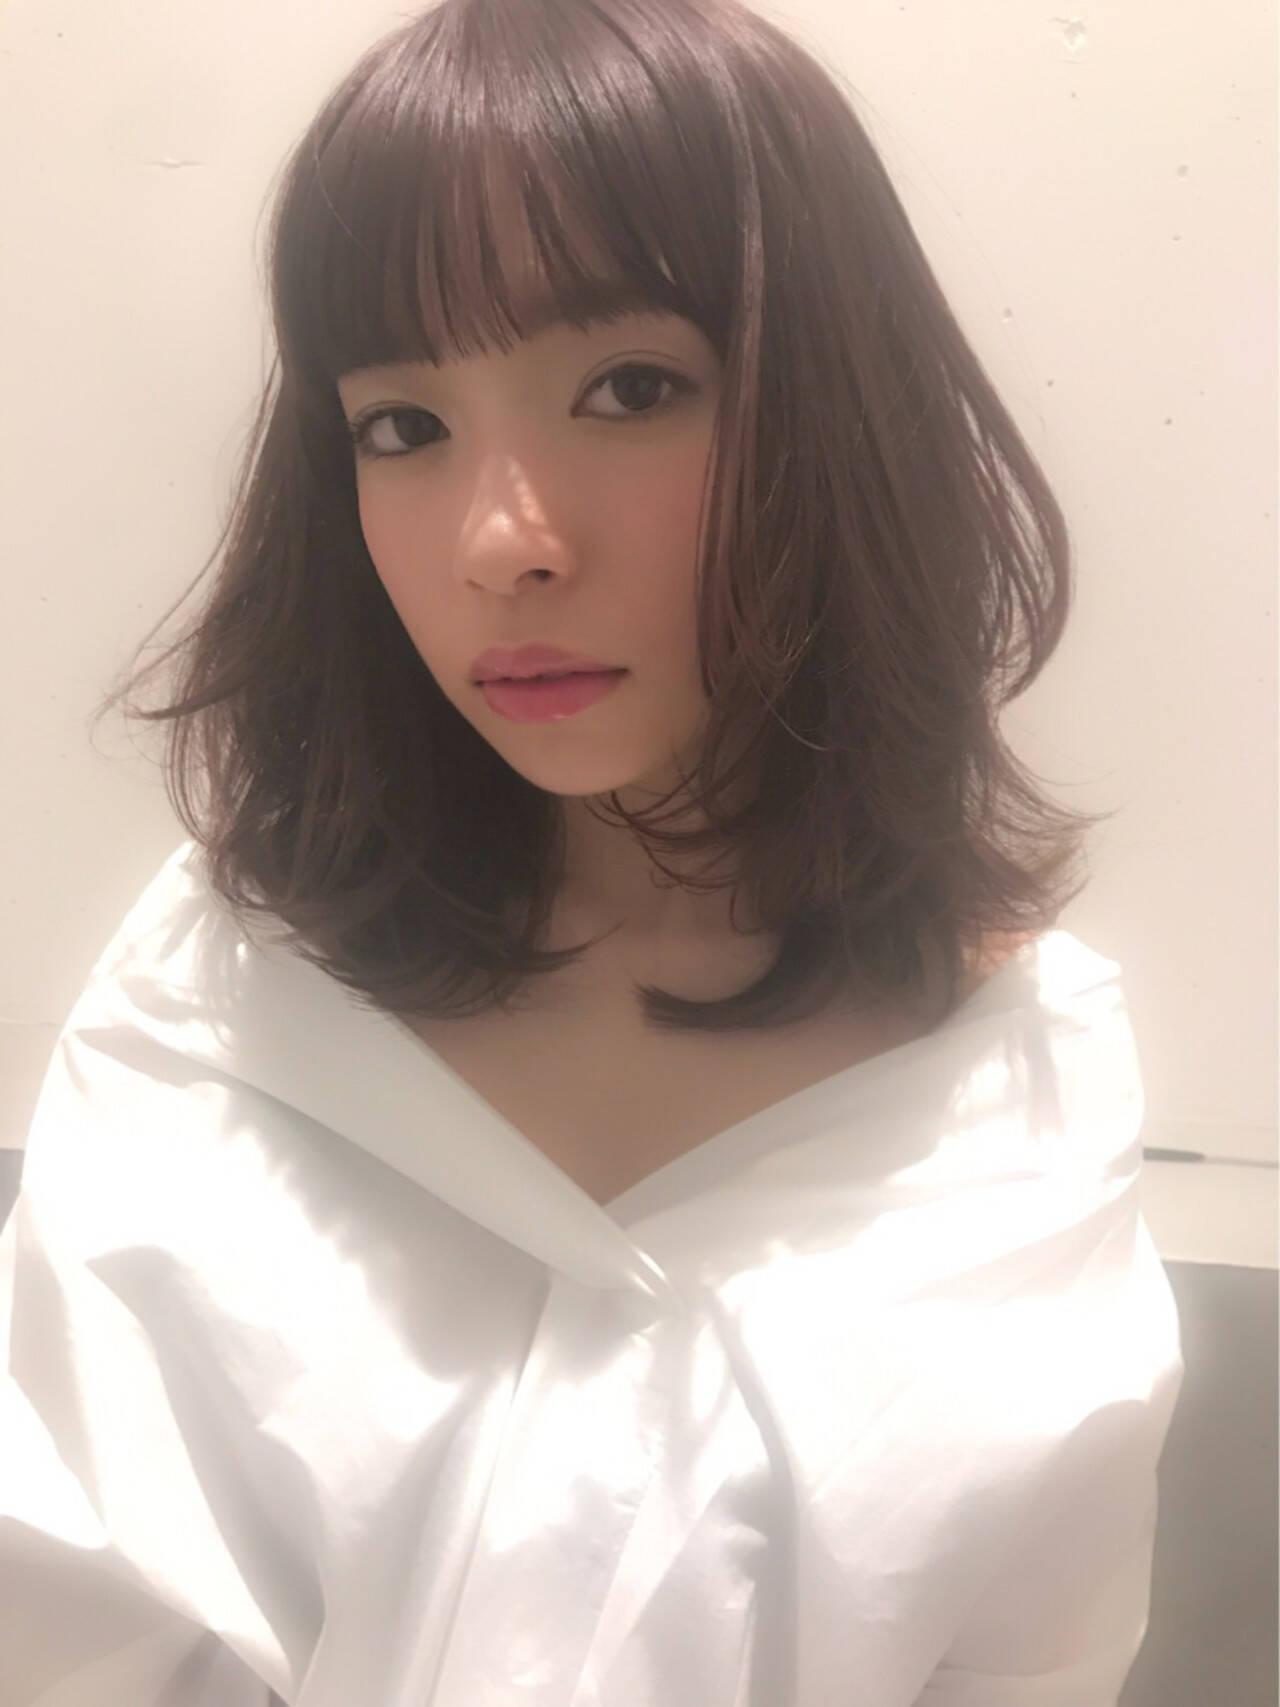 おフェロ レイヤーカット ミディアム ピンクアッシュヘアスタイルや髪型の写真・画像